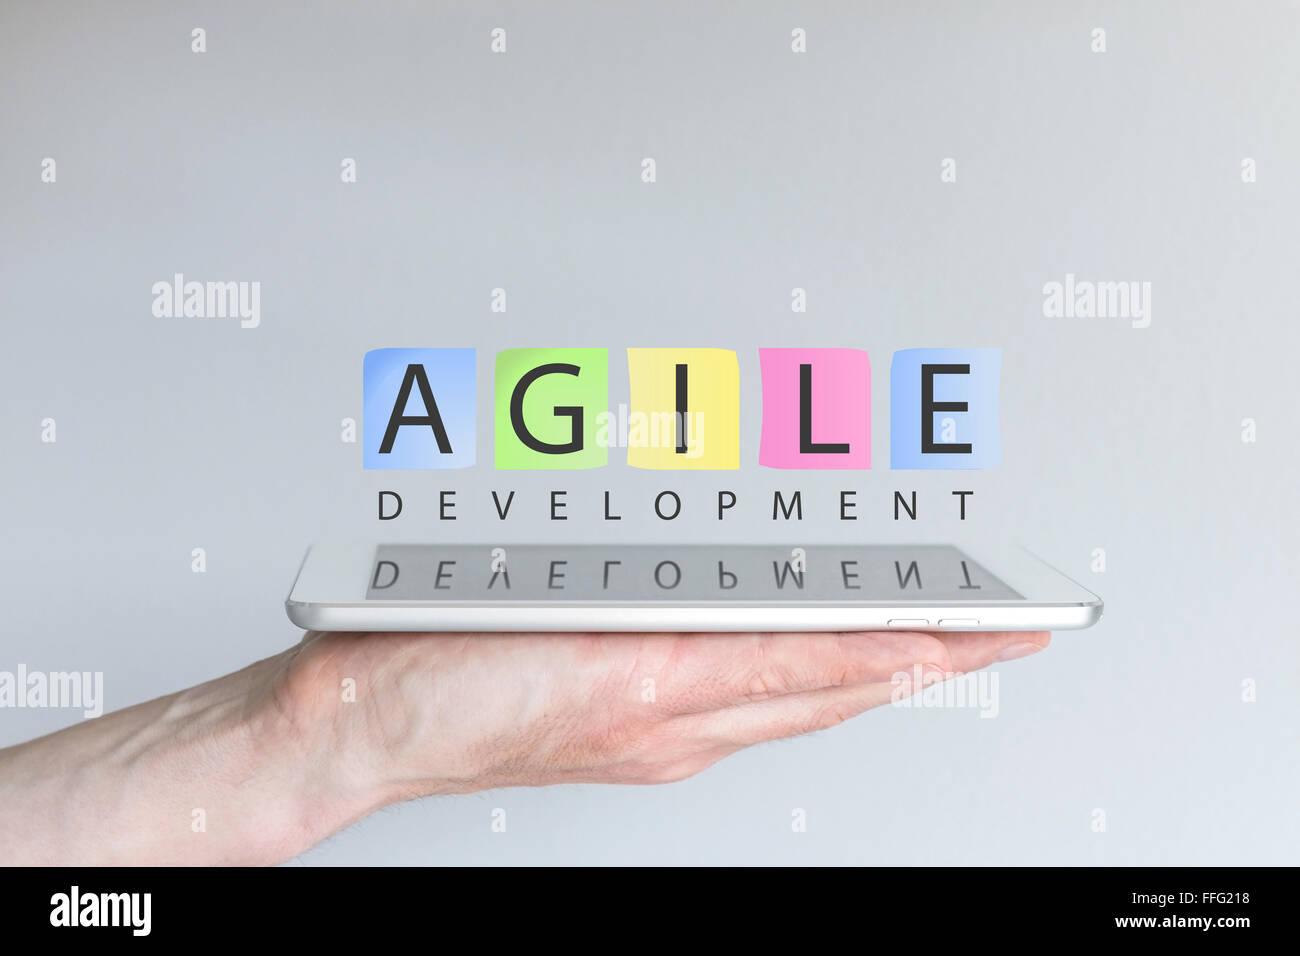 Agile il concetto di sviluppo per i dispositivi mobili Immagini Stock